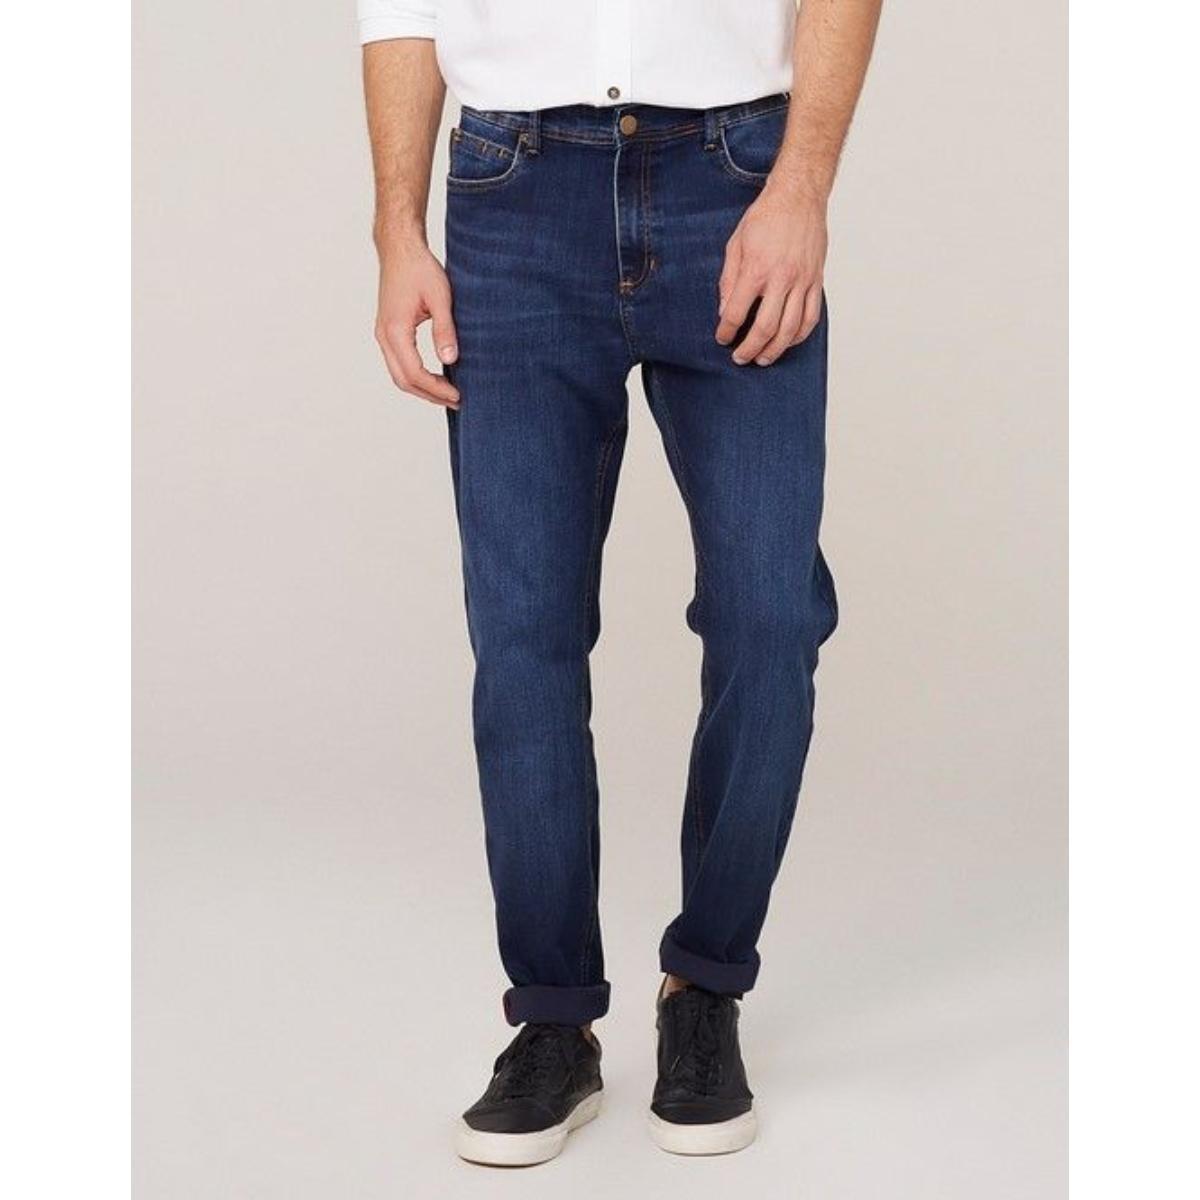 Calça Masculina Dzarm Zu6t  1asn Jeans